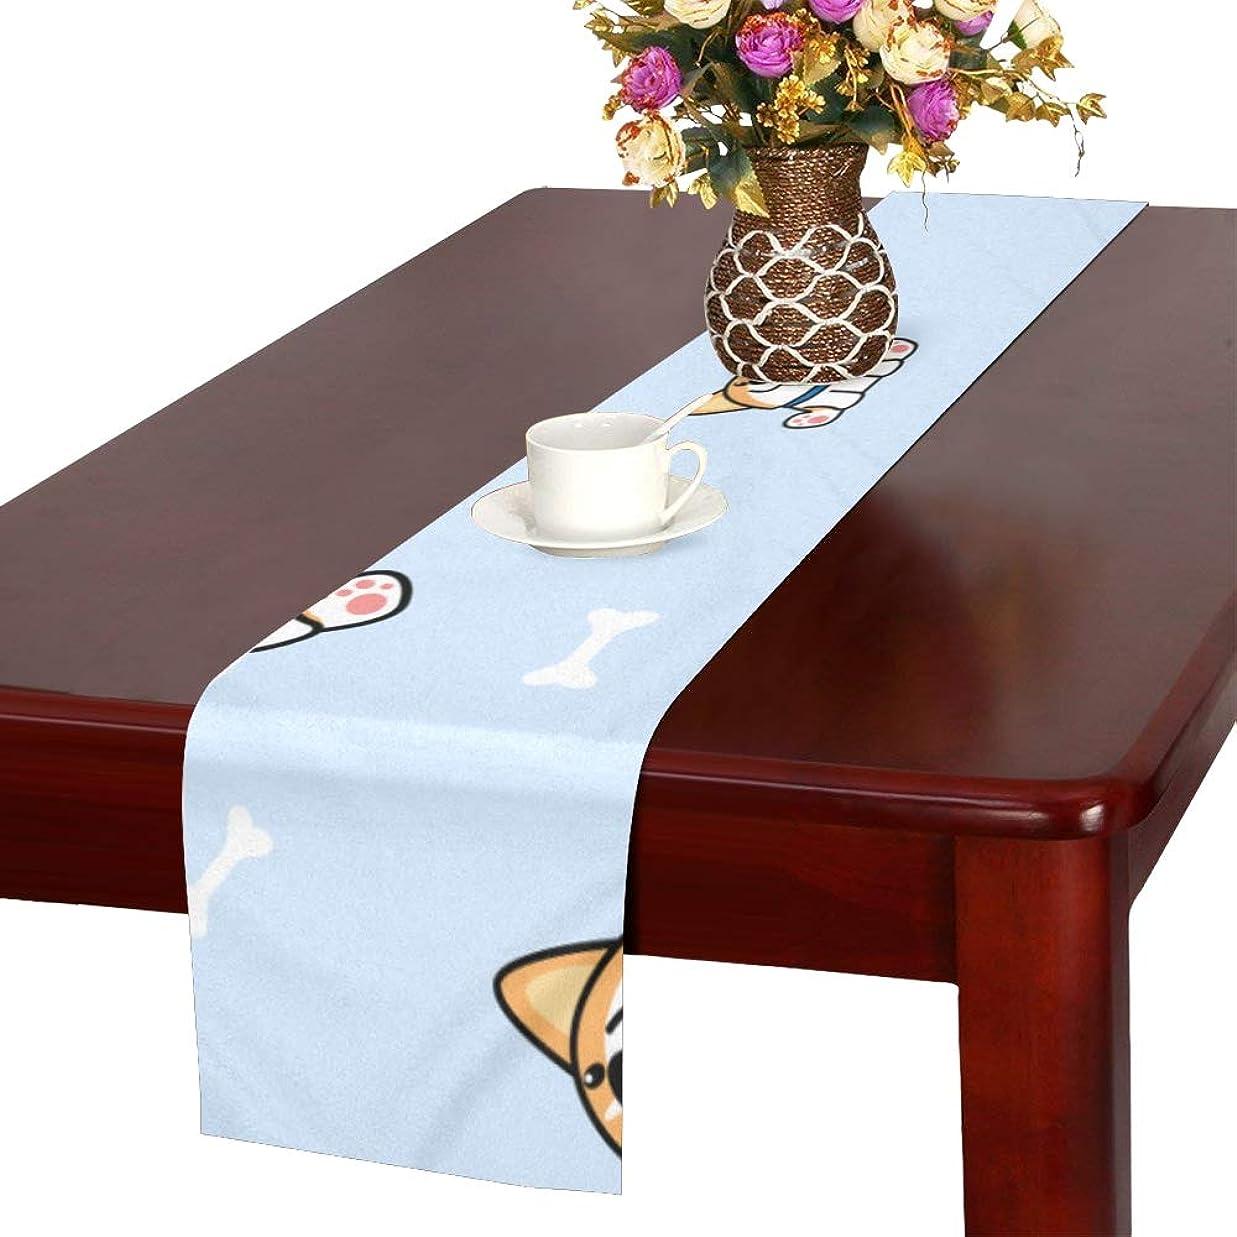 スキャン果てしない中断GGSXD テーブルランナー すばしこい コーギー クロス 食卓カバー 麻綿製 欧米 おしゃれ 16 Inch X 72 Inch (40cm X 182cm) キッチン ダイニング ホーム デコレーション モダン リビング 洗える